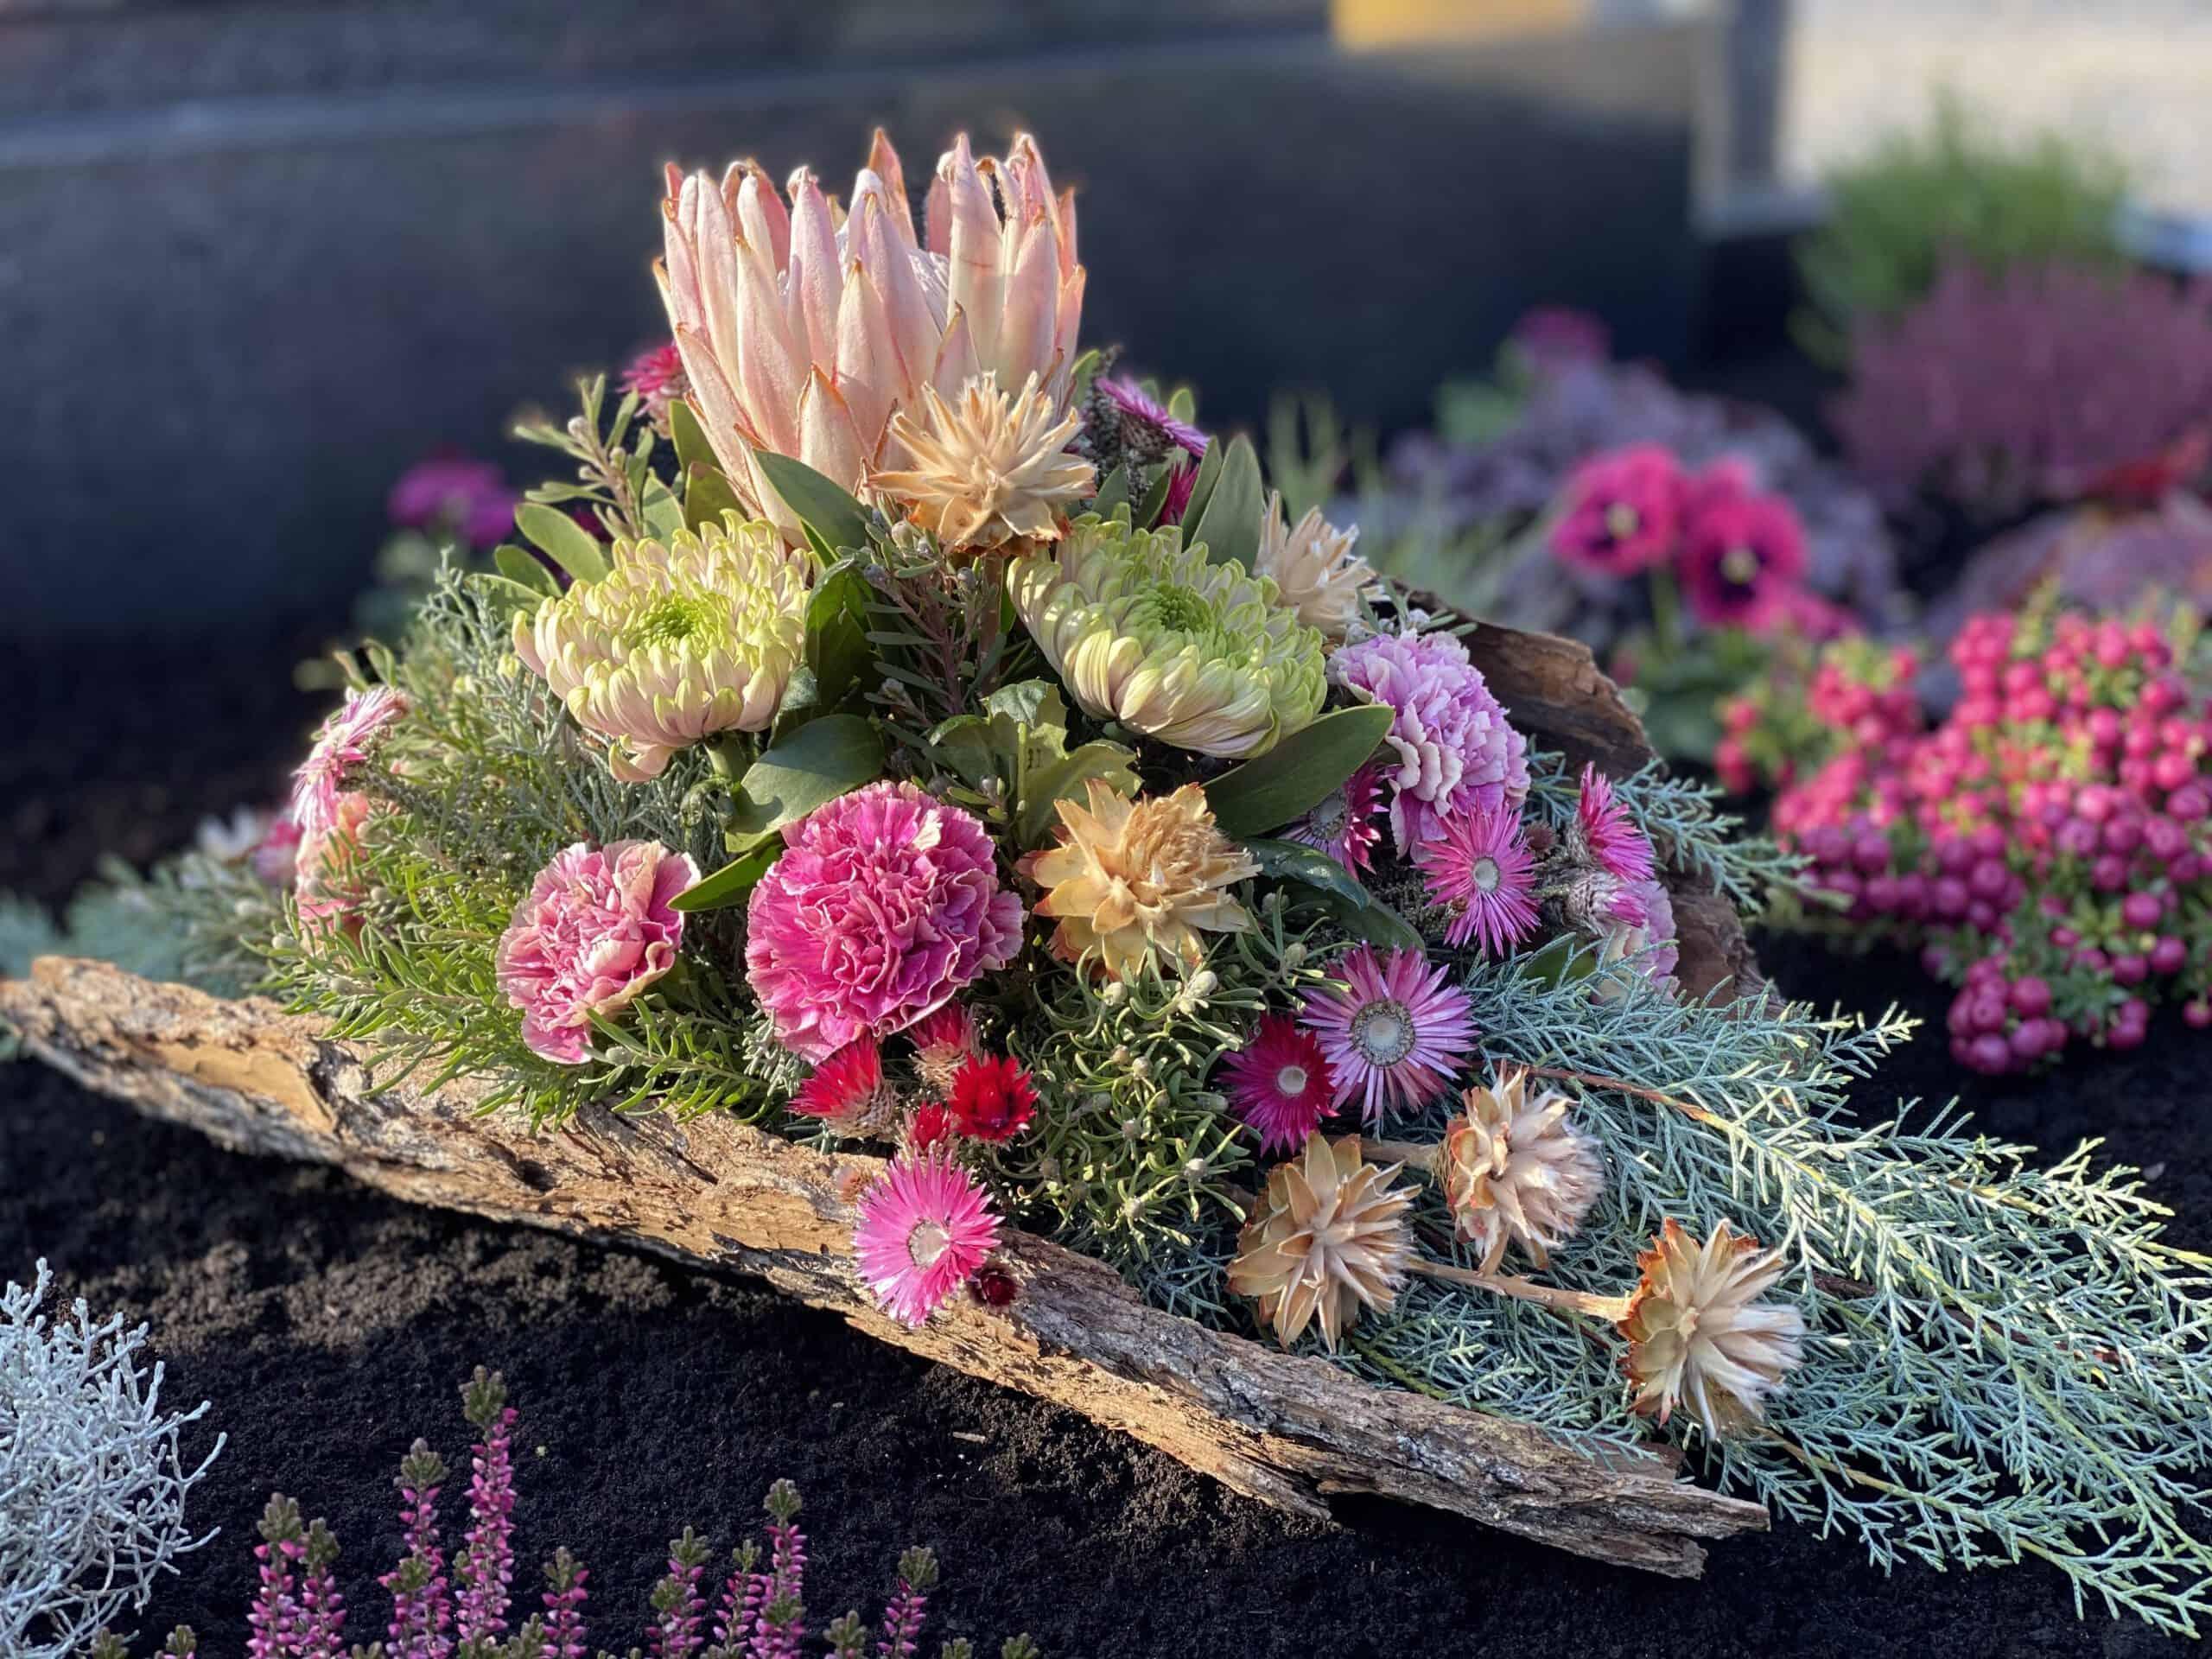 Allerheiligengestecke , Grabgesteck und moderne Trauergestecke mit Protea, Moos aus Pörnbach in Bayern